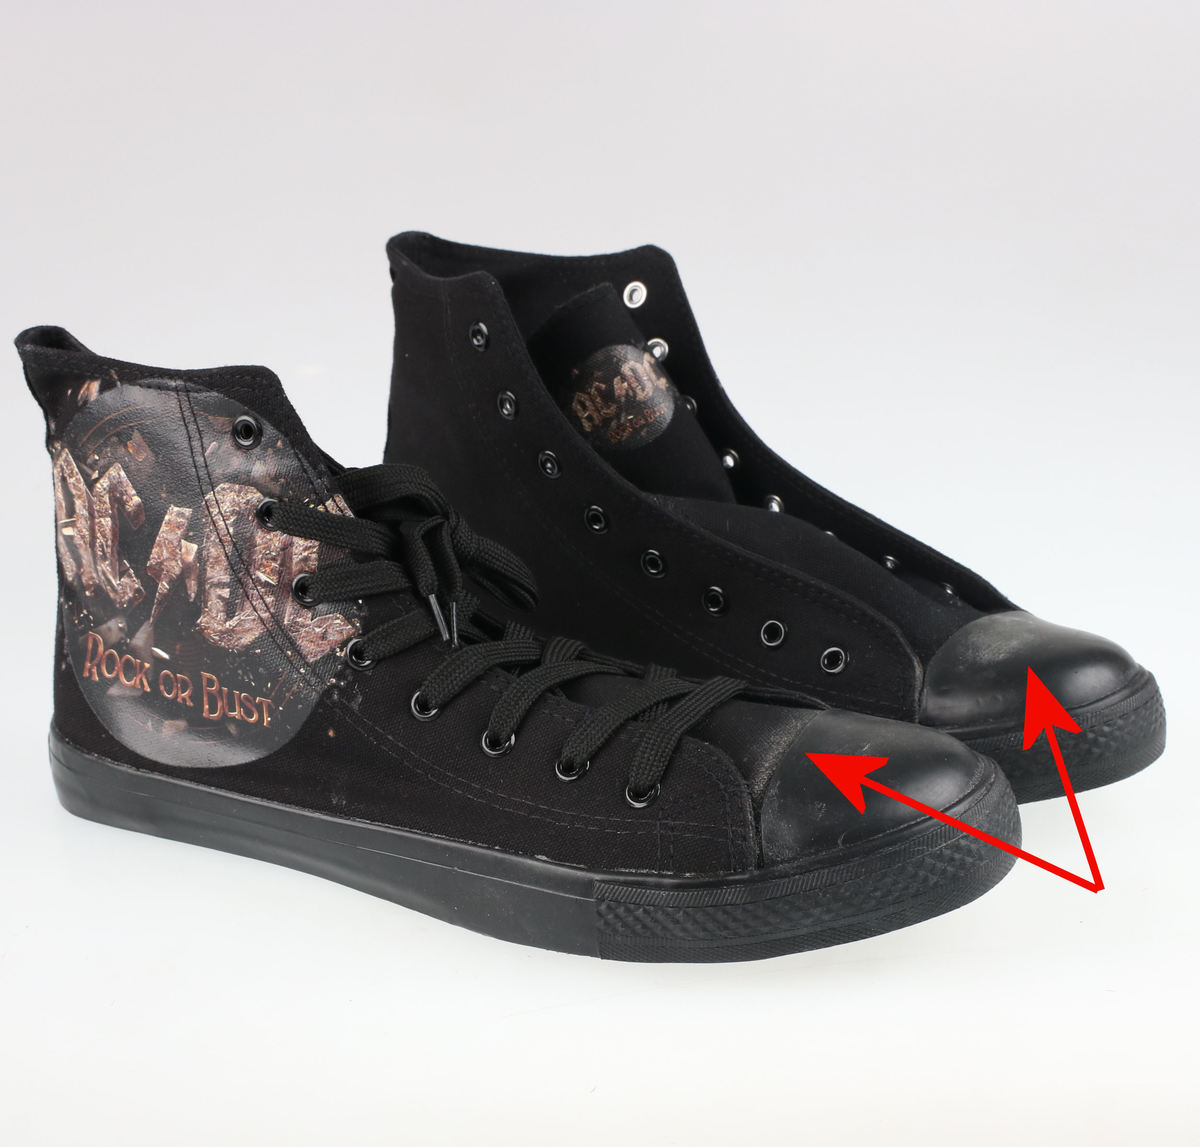 topánky AC/DC - Rock Or Bust - Black - F.B.I.. - POŠKODENÉ - MA216